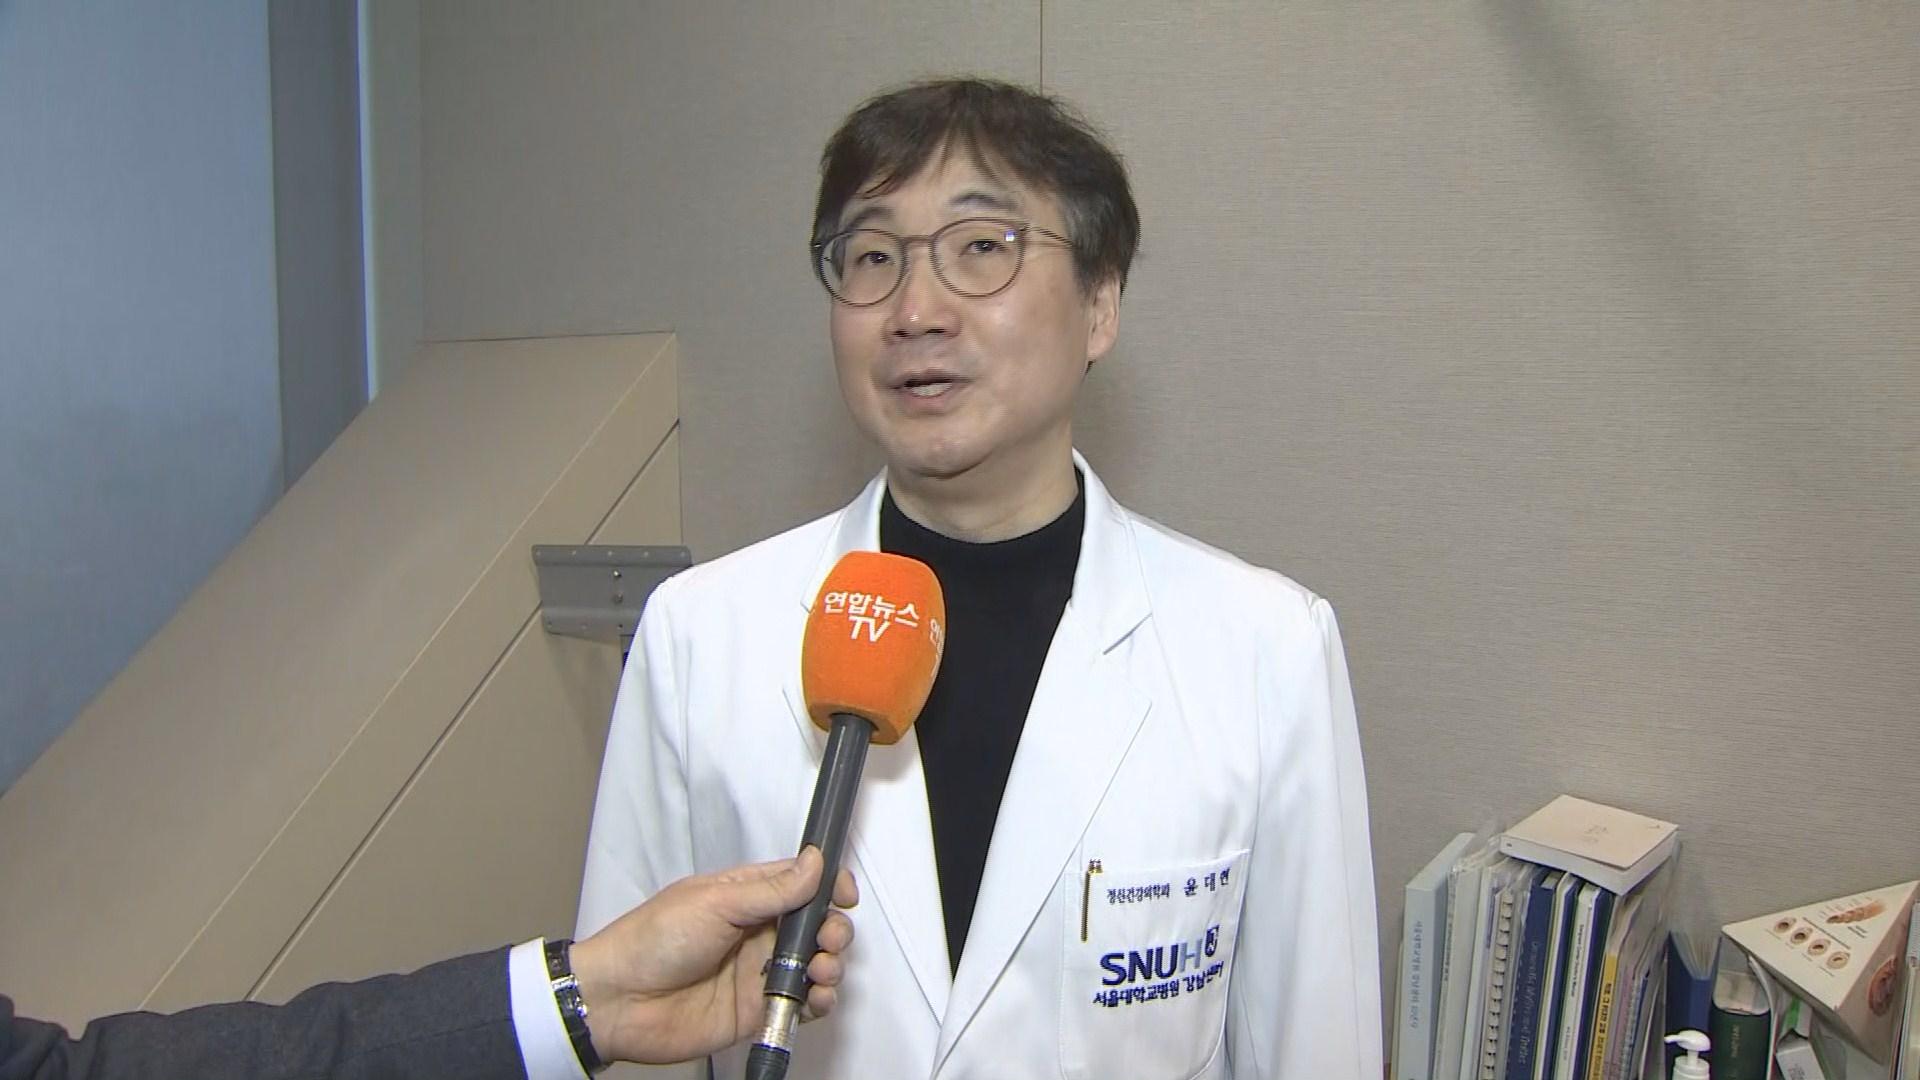 [출근길 인터뷰] 장기화한 코로나19로 인한 스트레스·불안감 관리법